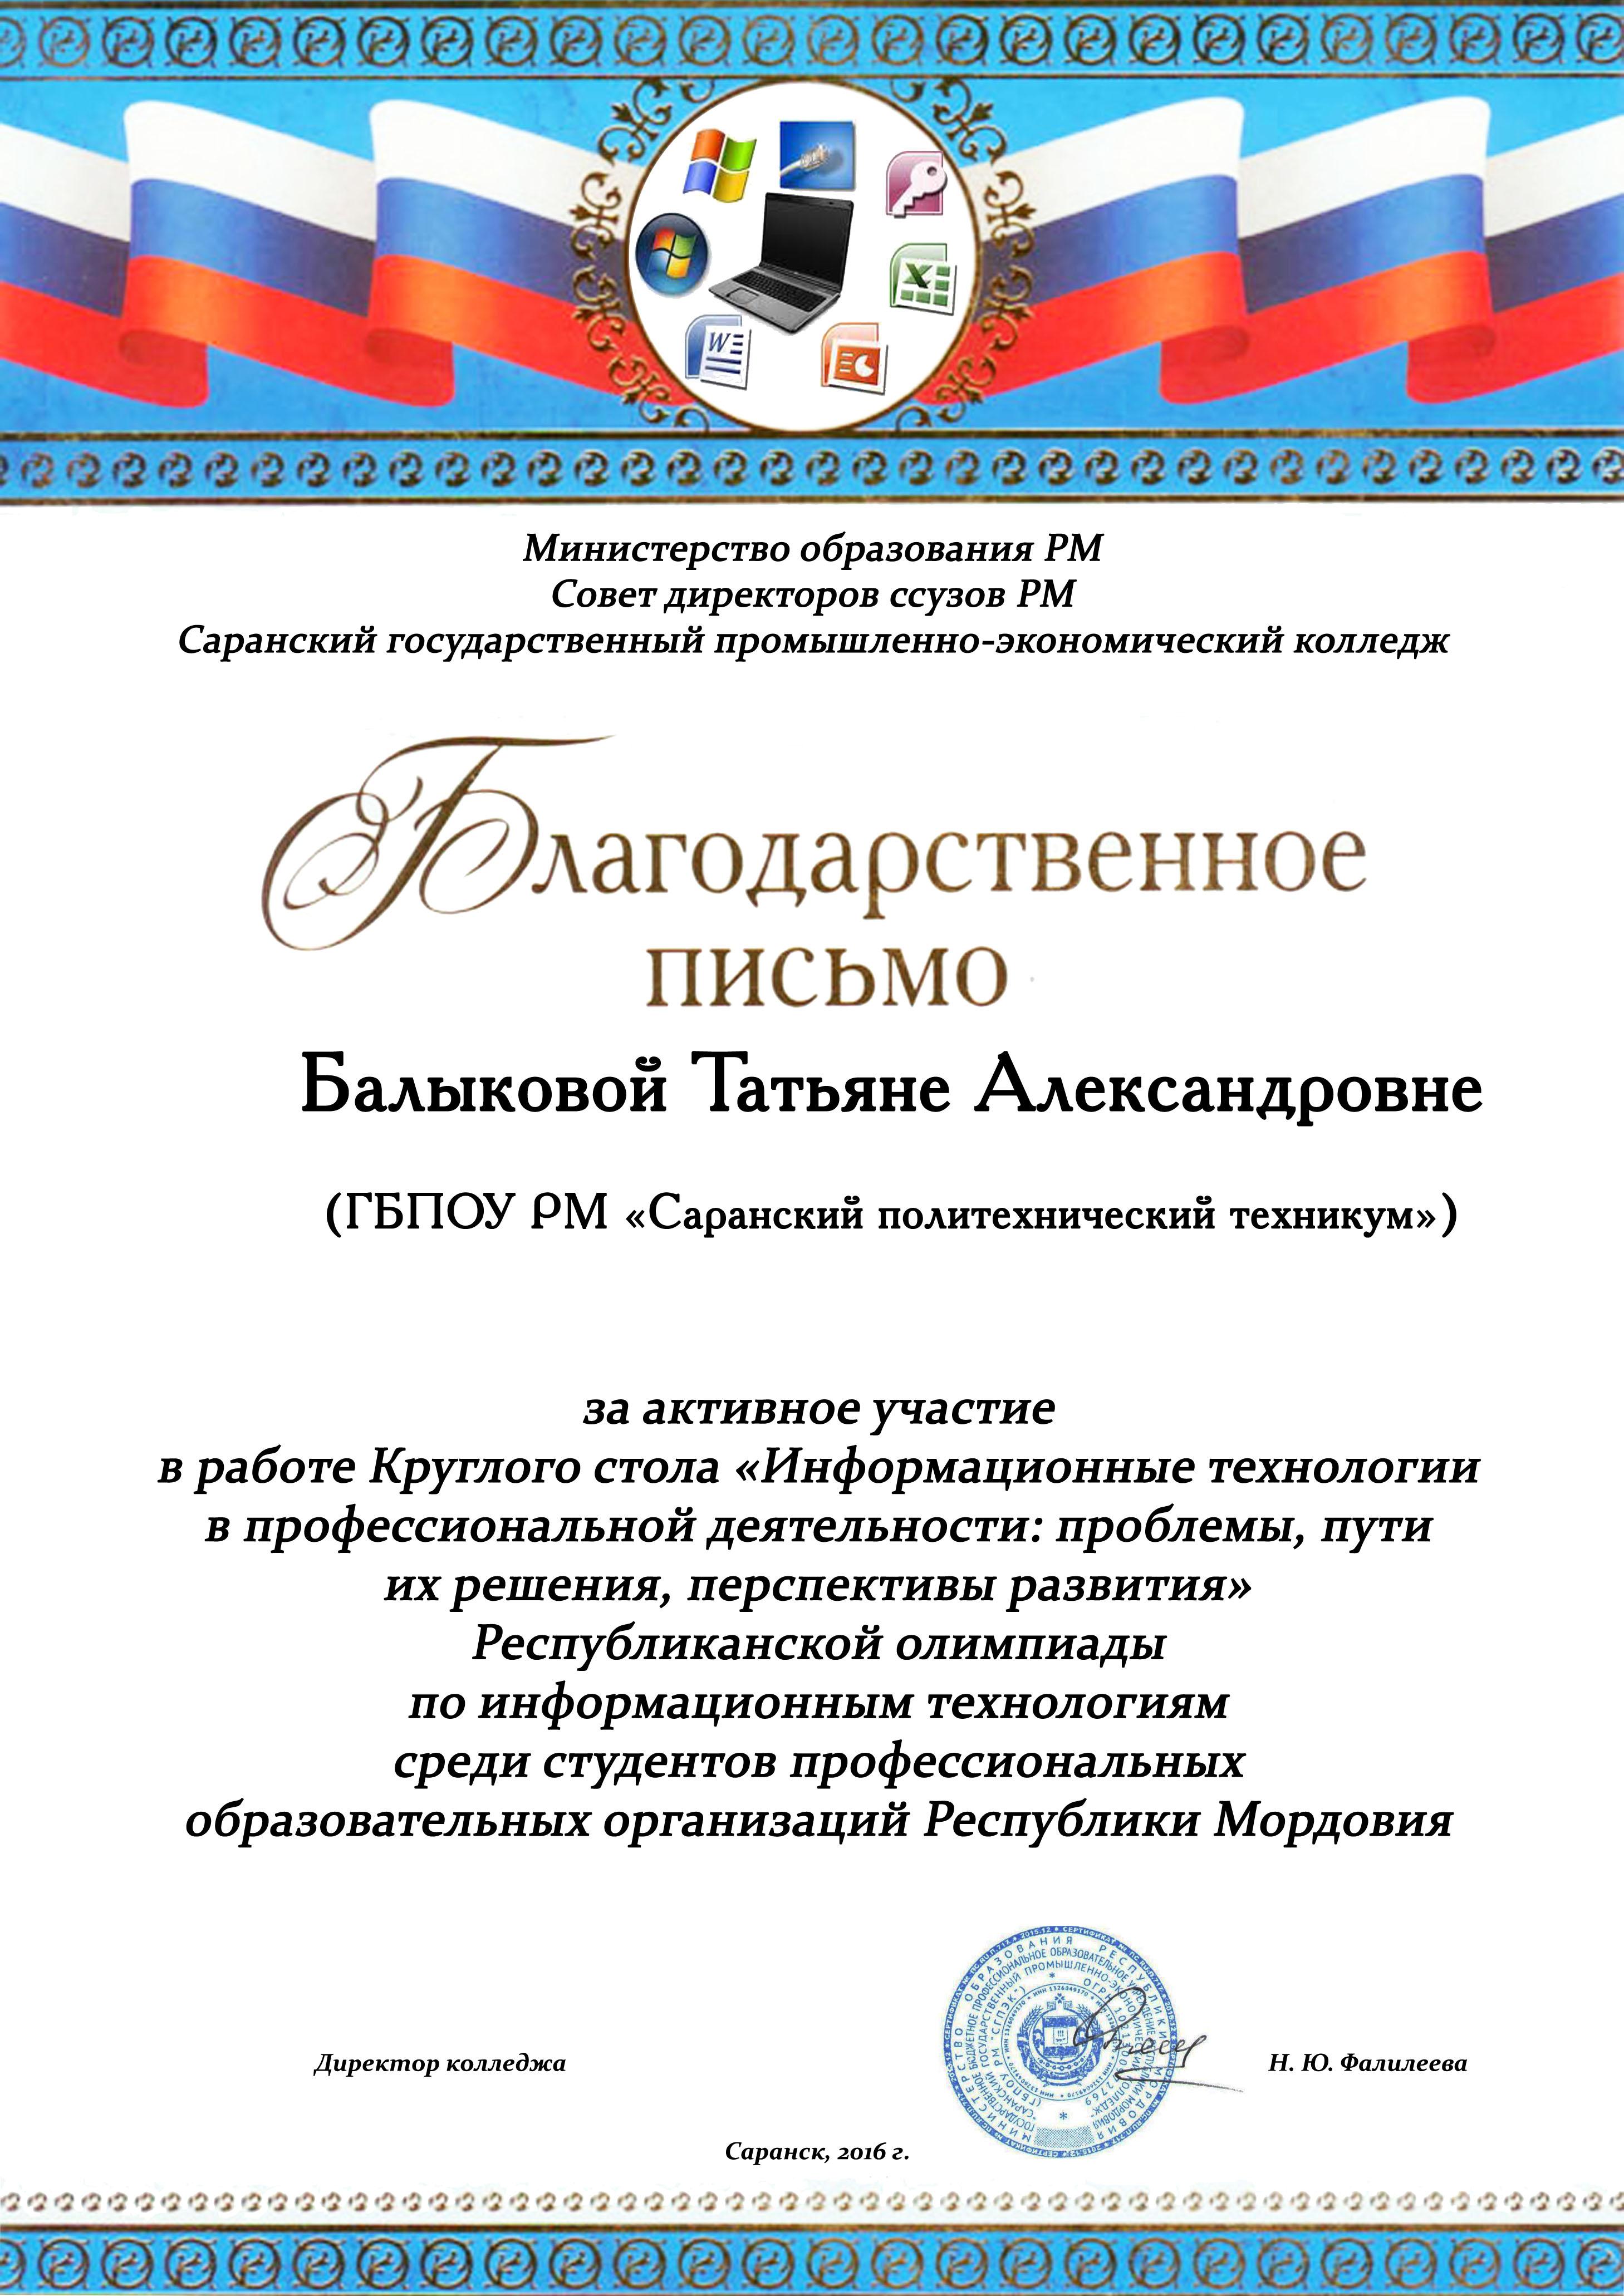 благодарность Балыковой копия